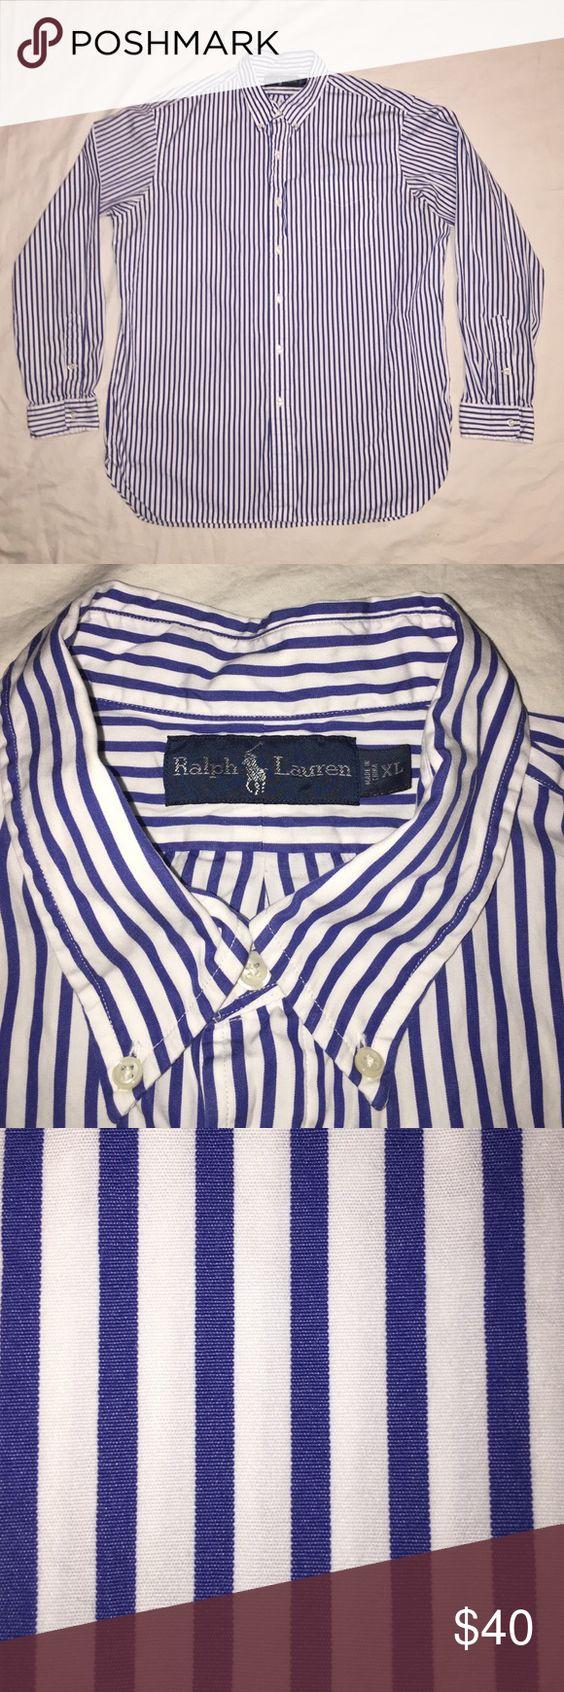 Men's Ralph Lauren button down shirt Men's Ralph Lauren button down striped shirt. Size XL Ralph Lauren Shirts Dress Shirts